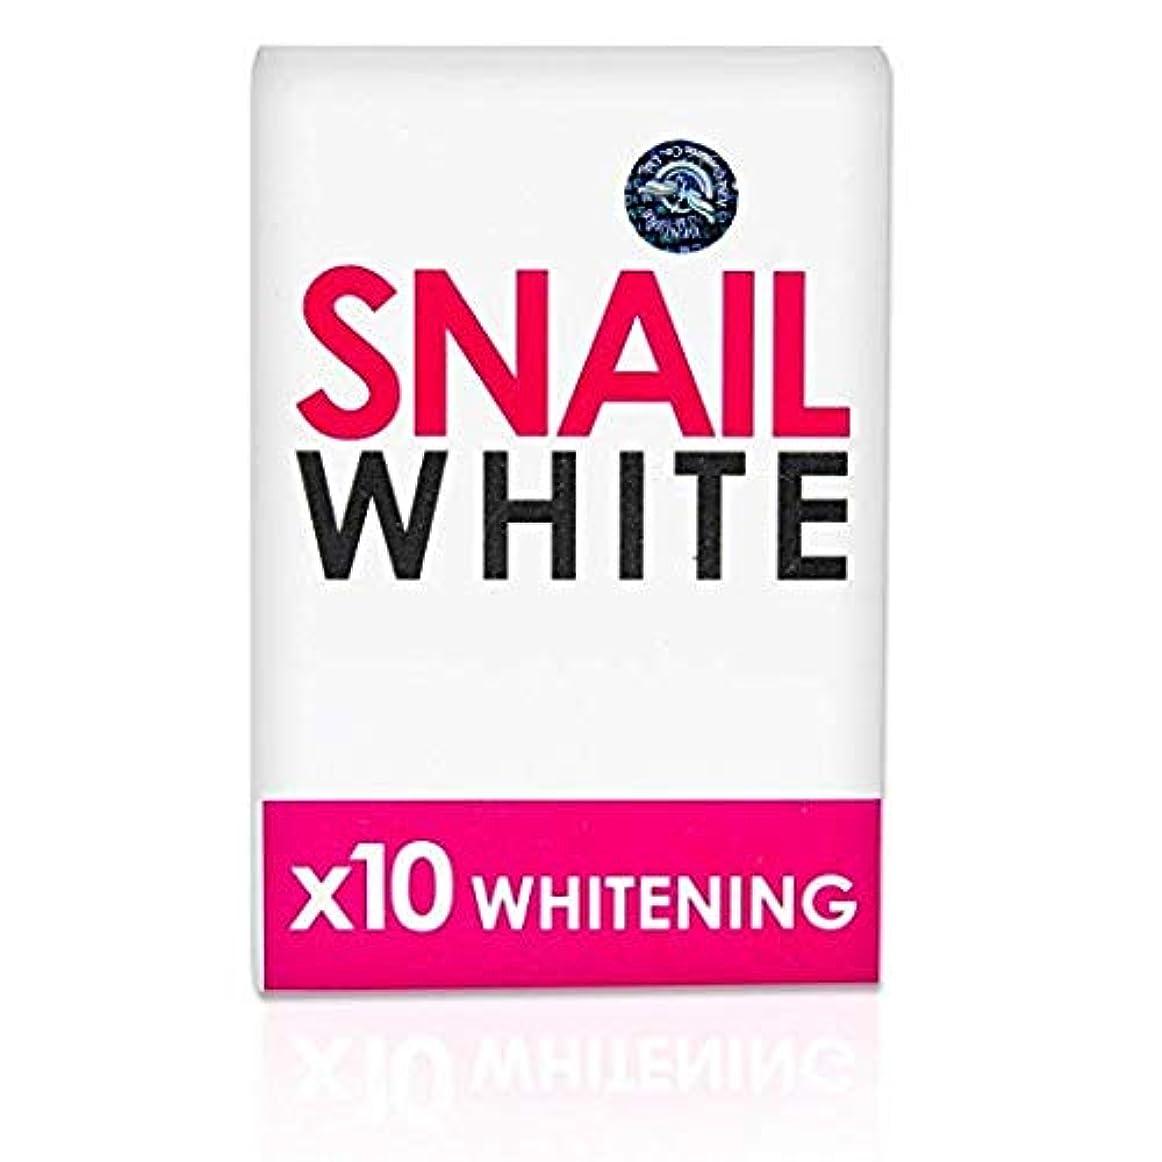 ディスカウント工夫するドレインスネイルホワイト Gluta Snail White x10 Whitening by Dream ホワイトニング 固形石鹸 2個